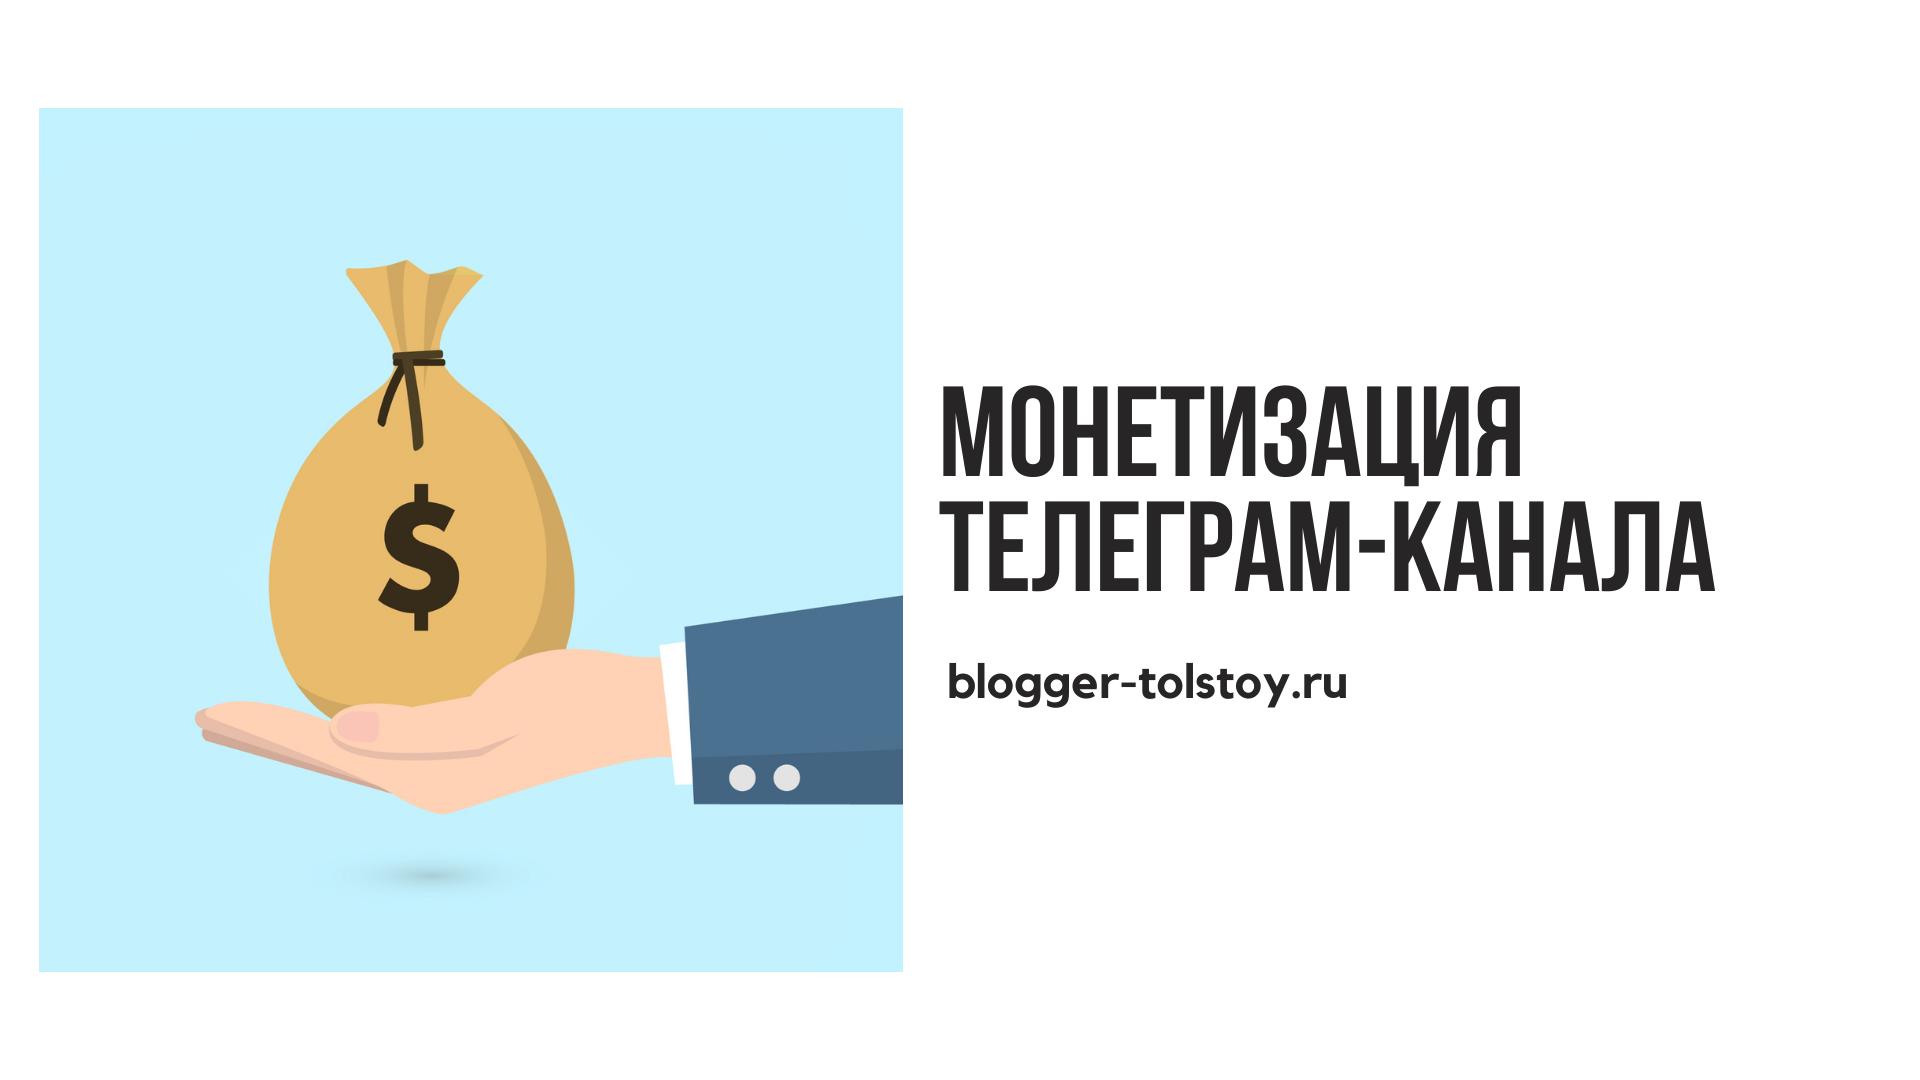 Превью статьи о монетизации Телеграм-каналов